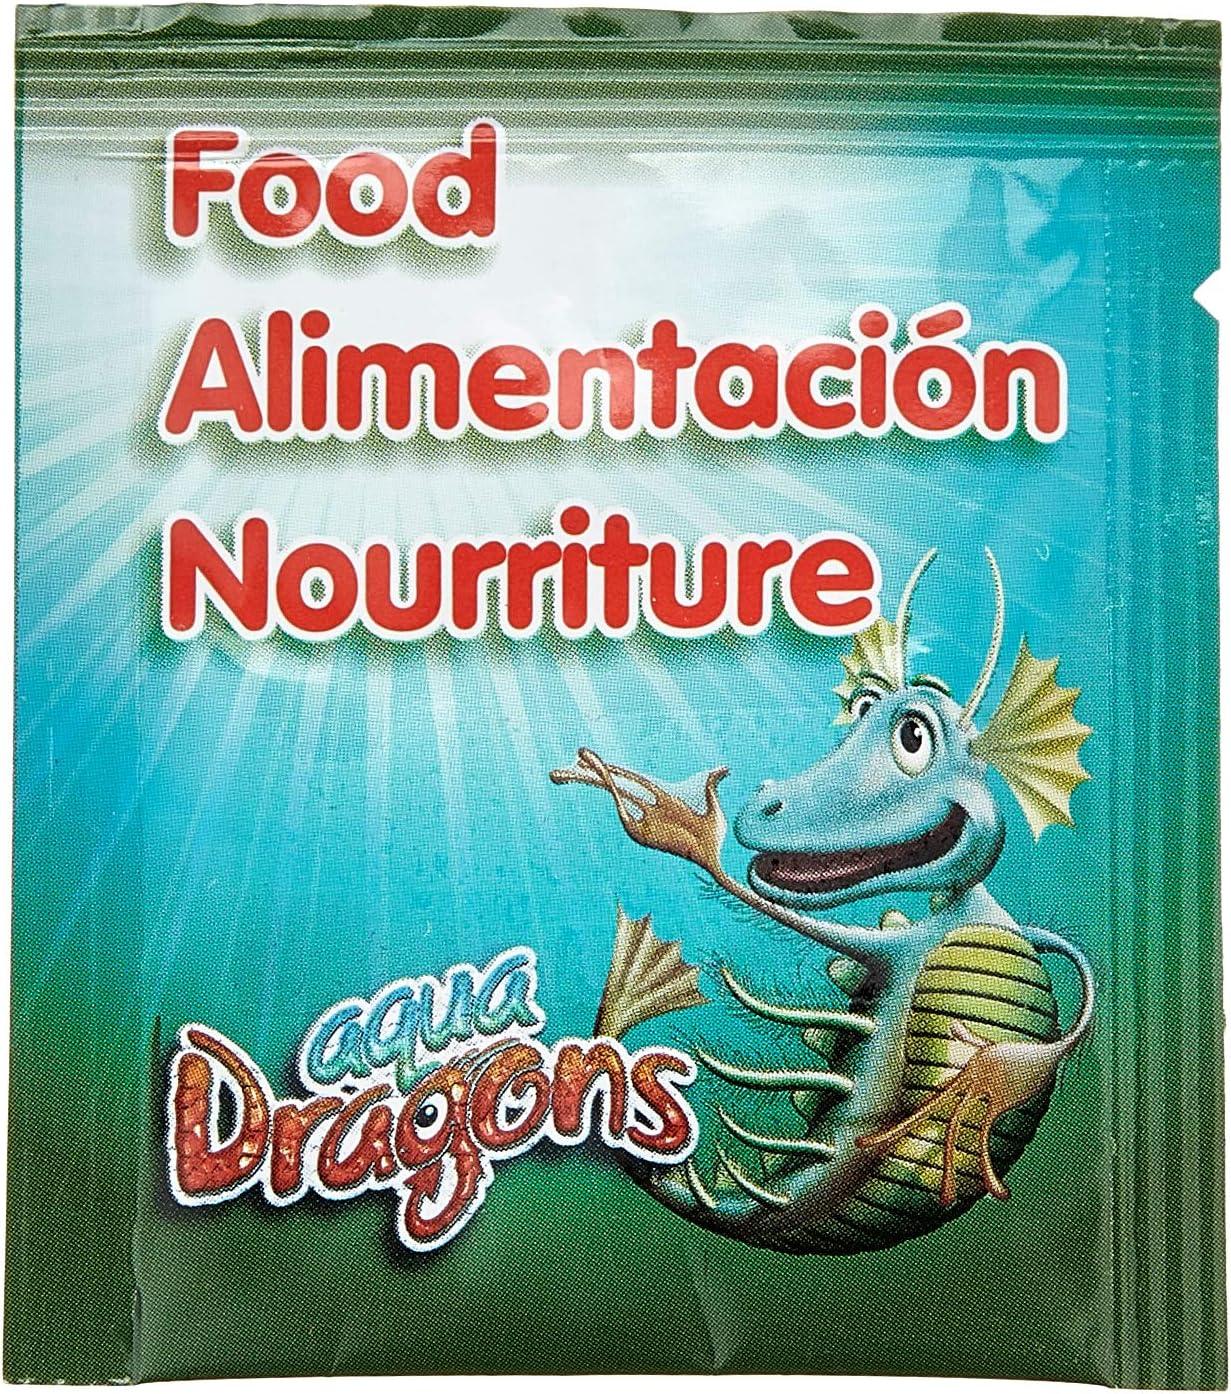 Aqua Dragons- Comida, Multicolor (World Alive SL 02ADFO)